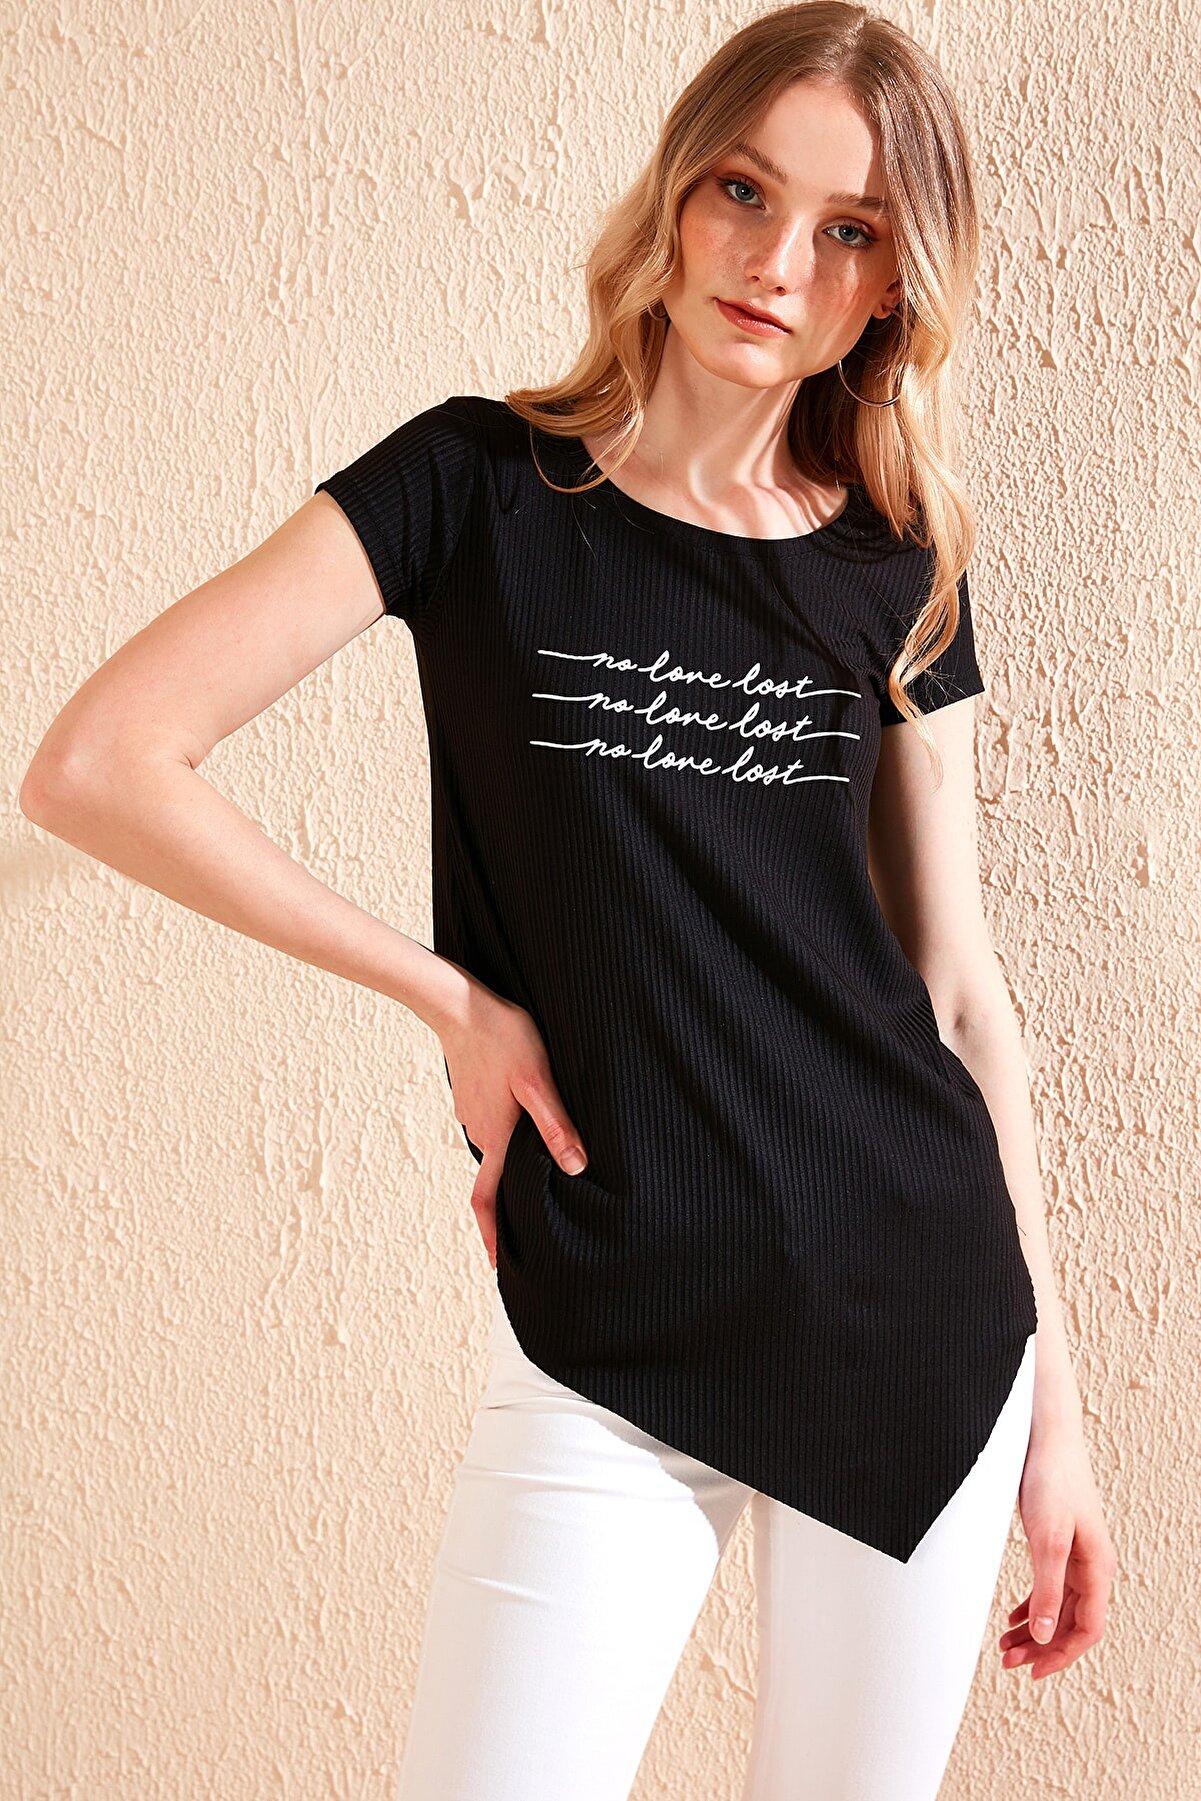 Lela Kadın Siyah Yazı Baskılı Asimetrik Kesim Bisiklet Yaka T Shirt 5863680